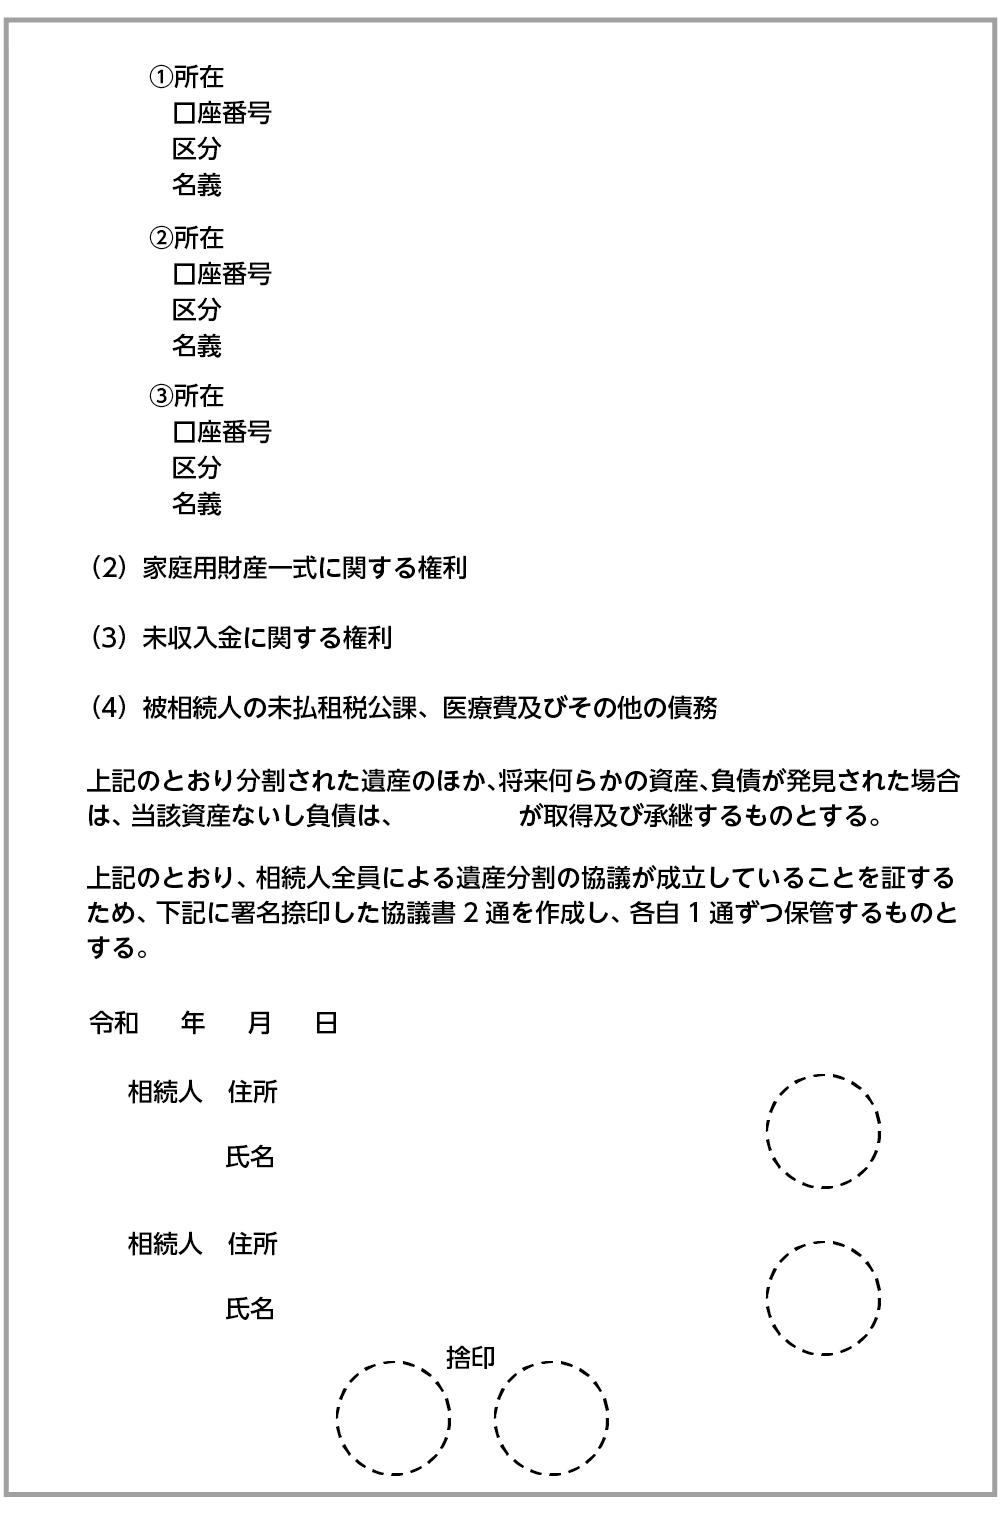 遺産分割協議書の基本のひな形2